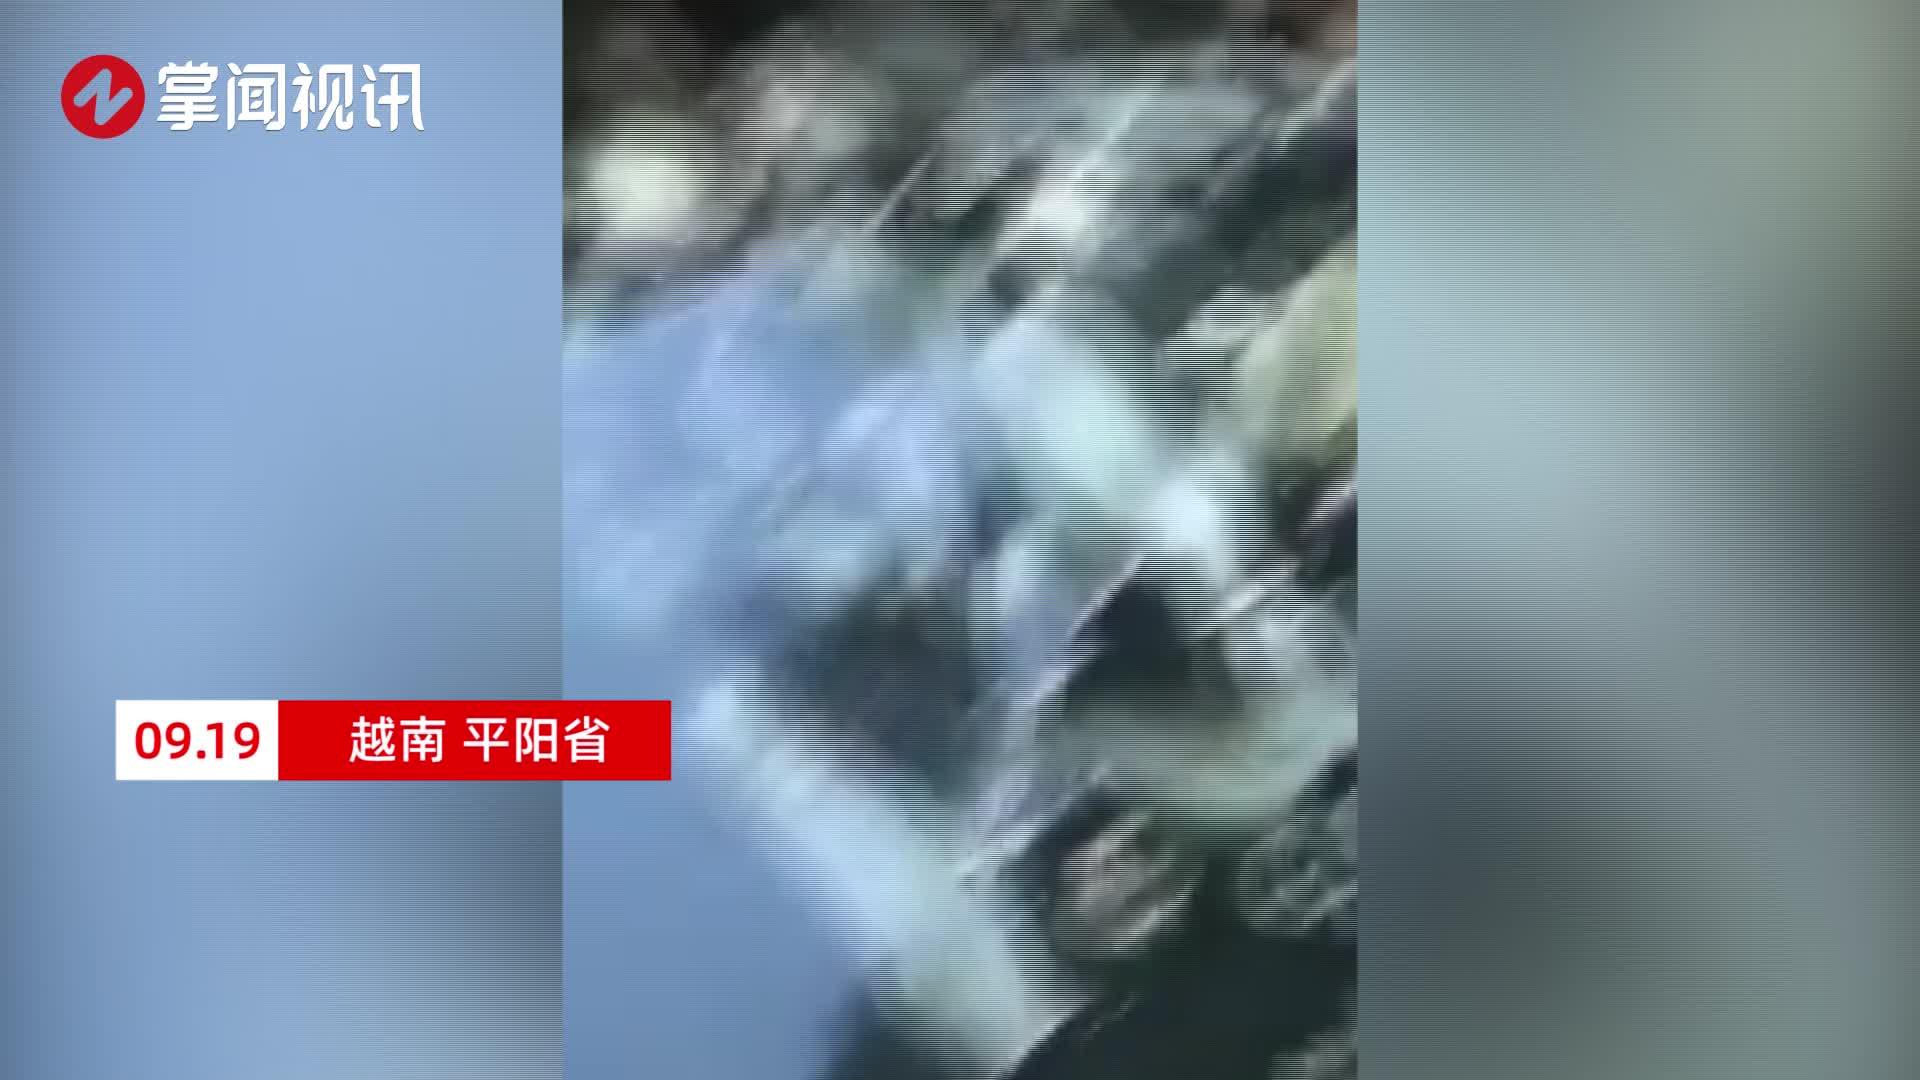 越南超30万安全套被回收后再售卖 密密麻麻浸泡在污水中令人作呕